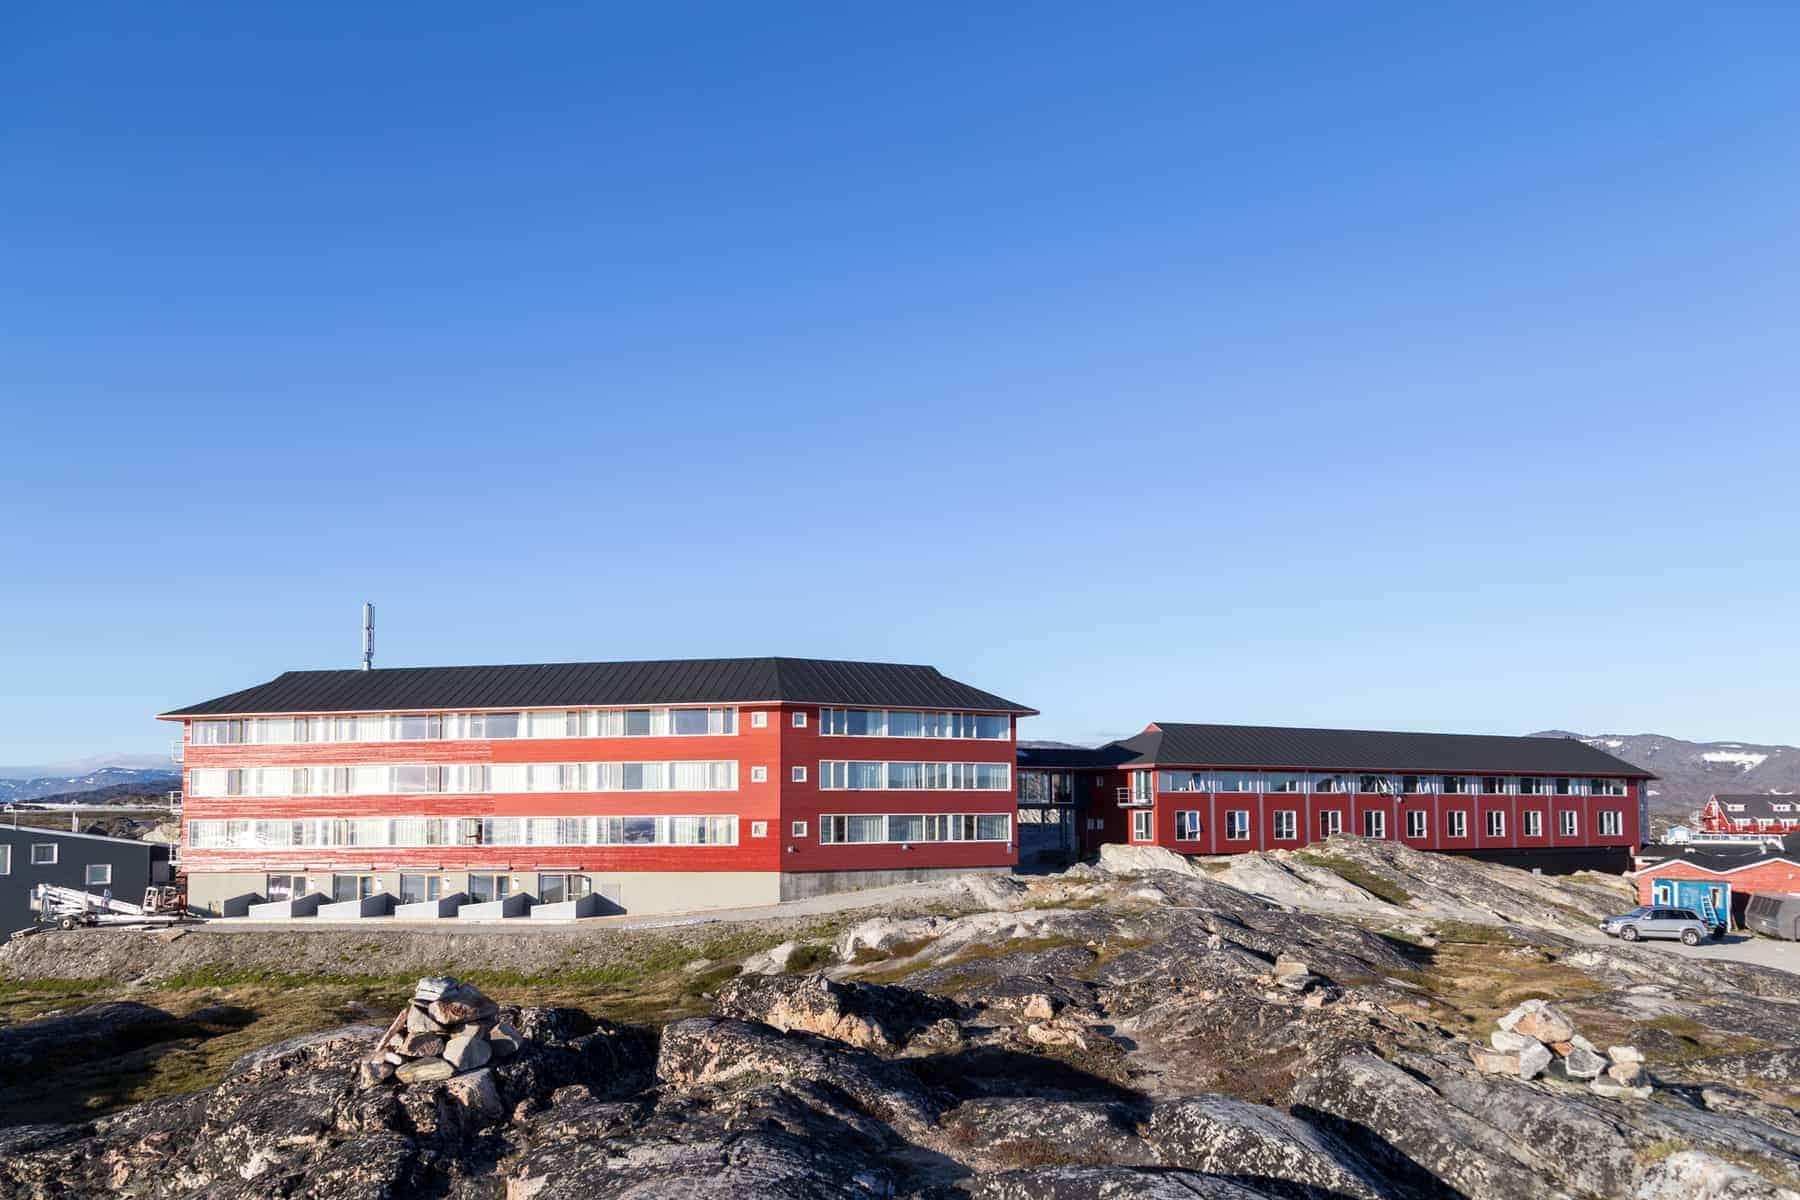 Hotel Arctic in Ilulissat, Greenland